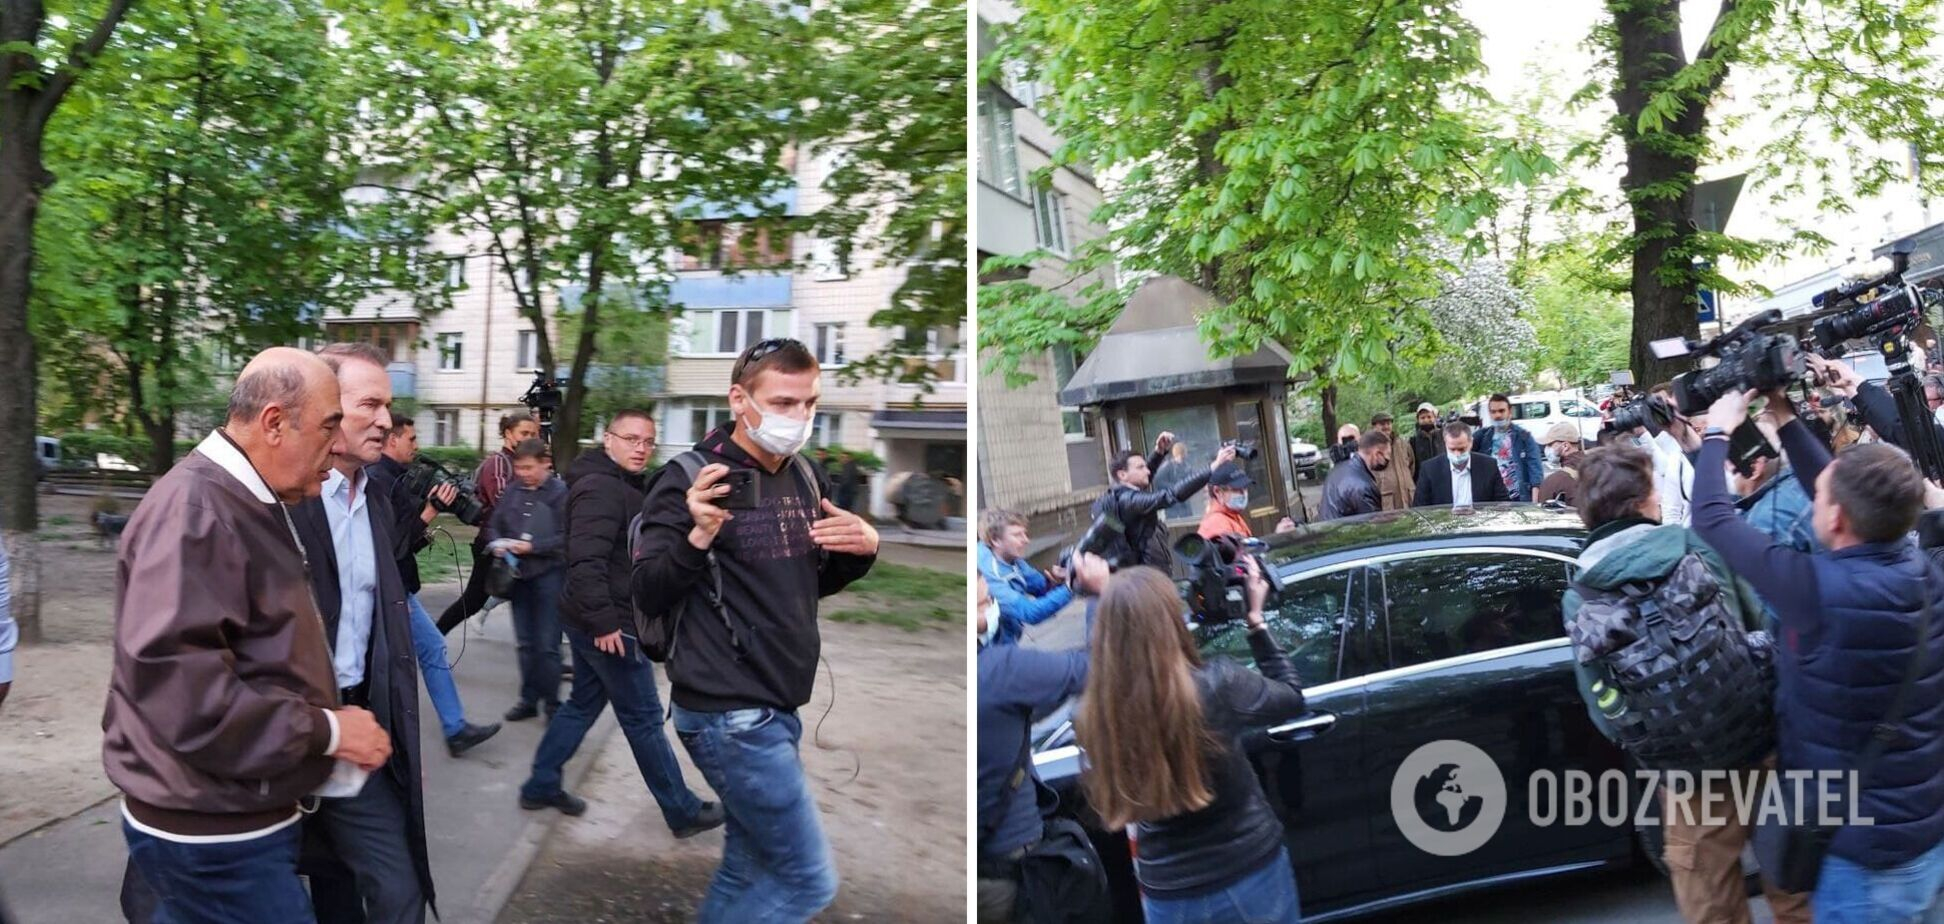 Медведчук получил в ОГП подозрение в госизмене: его не задержали. Фото и видео